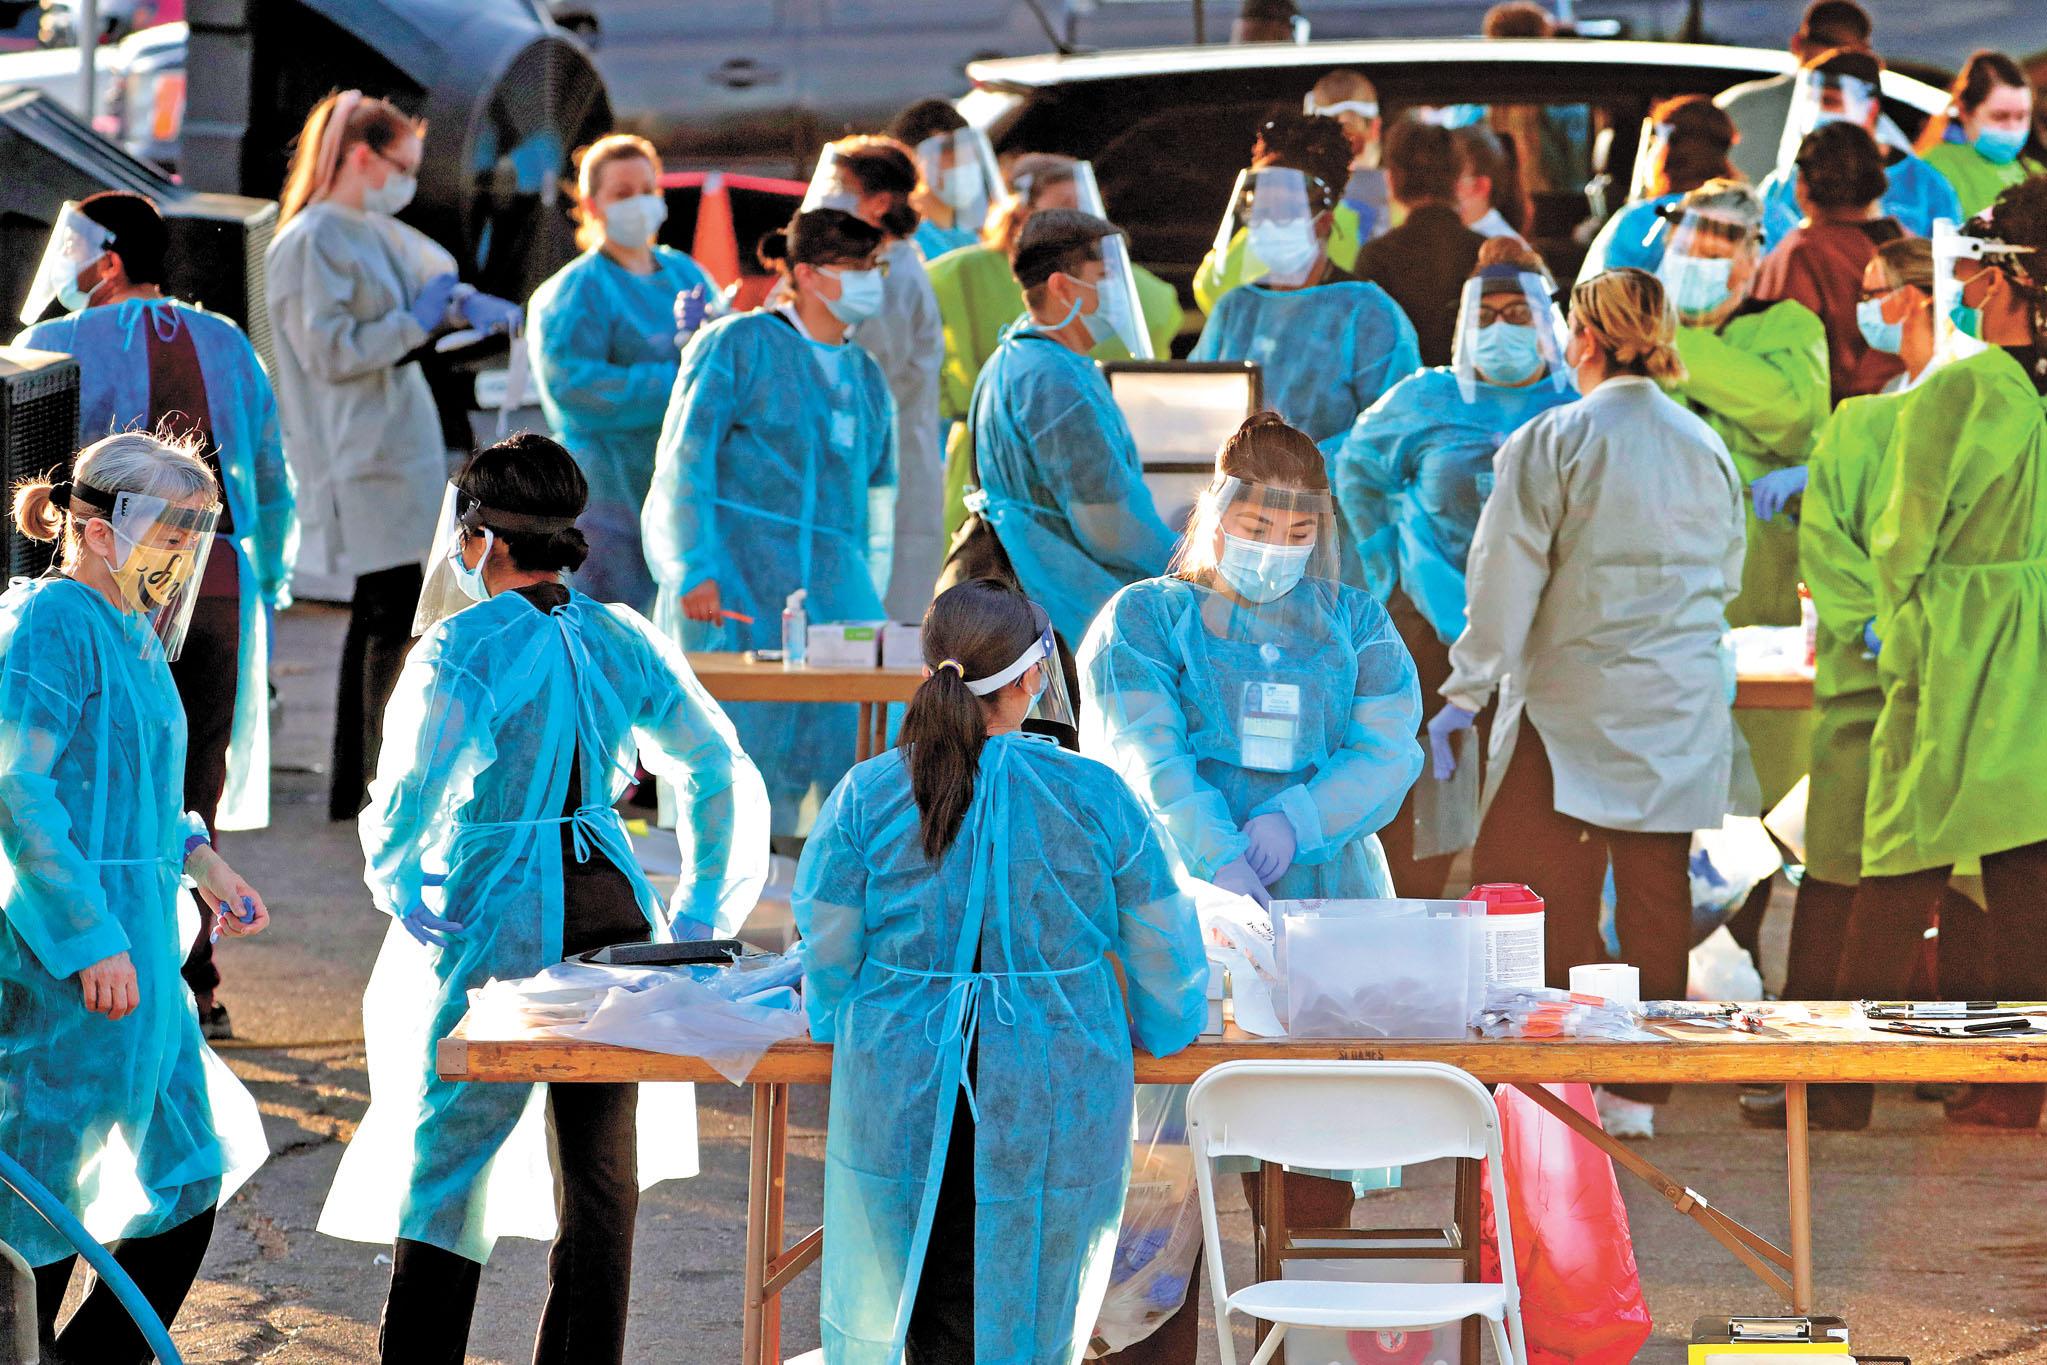 在美國新冠病毒確診病例不斷攀升之際,特朗普政府通知美國國會和聯合國,美國正式退出世界衛生組織。圖為醫護人員為核酸測試做準備工作。美聯社